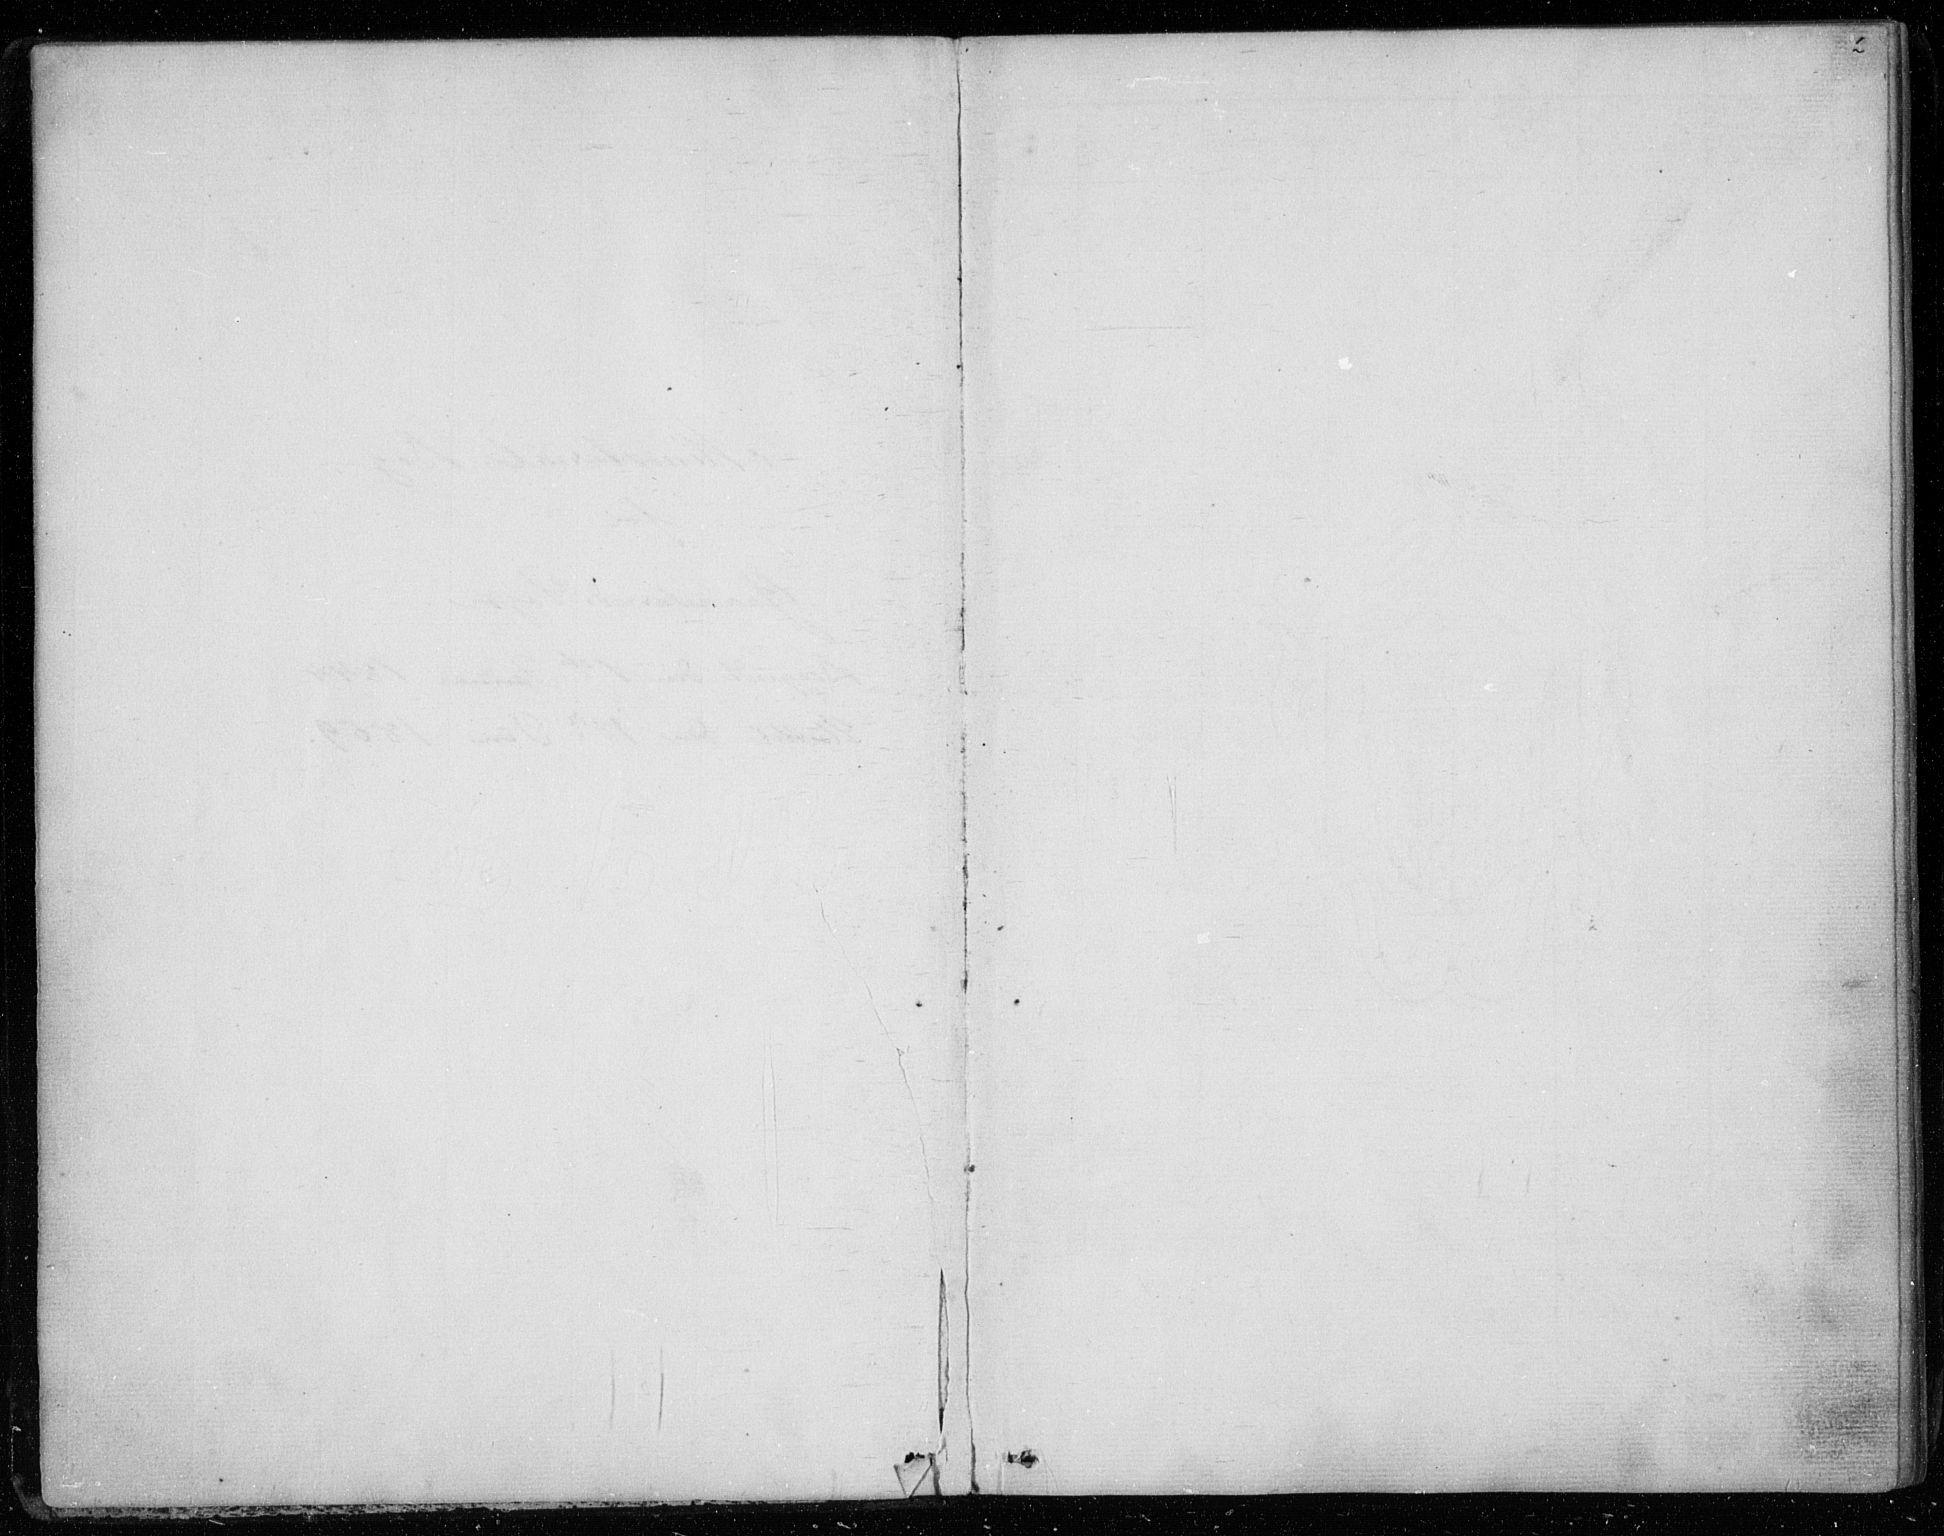 SAKO, Gransherad kirkebøker, F/Fa/L0002: Ministerialbok nr. I 2, 1844-1859, s. 2